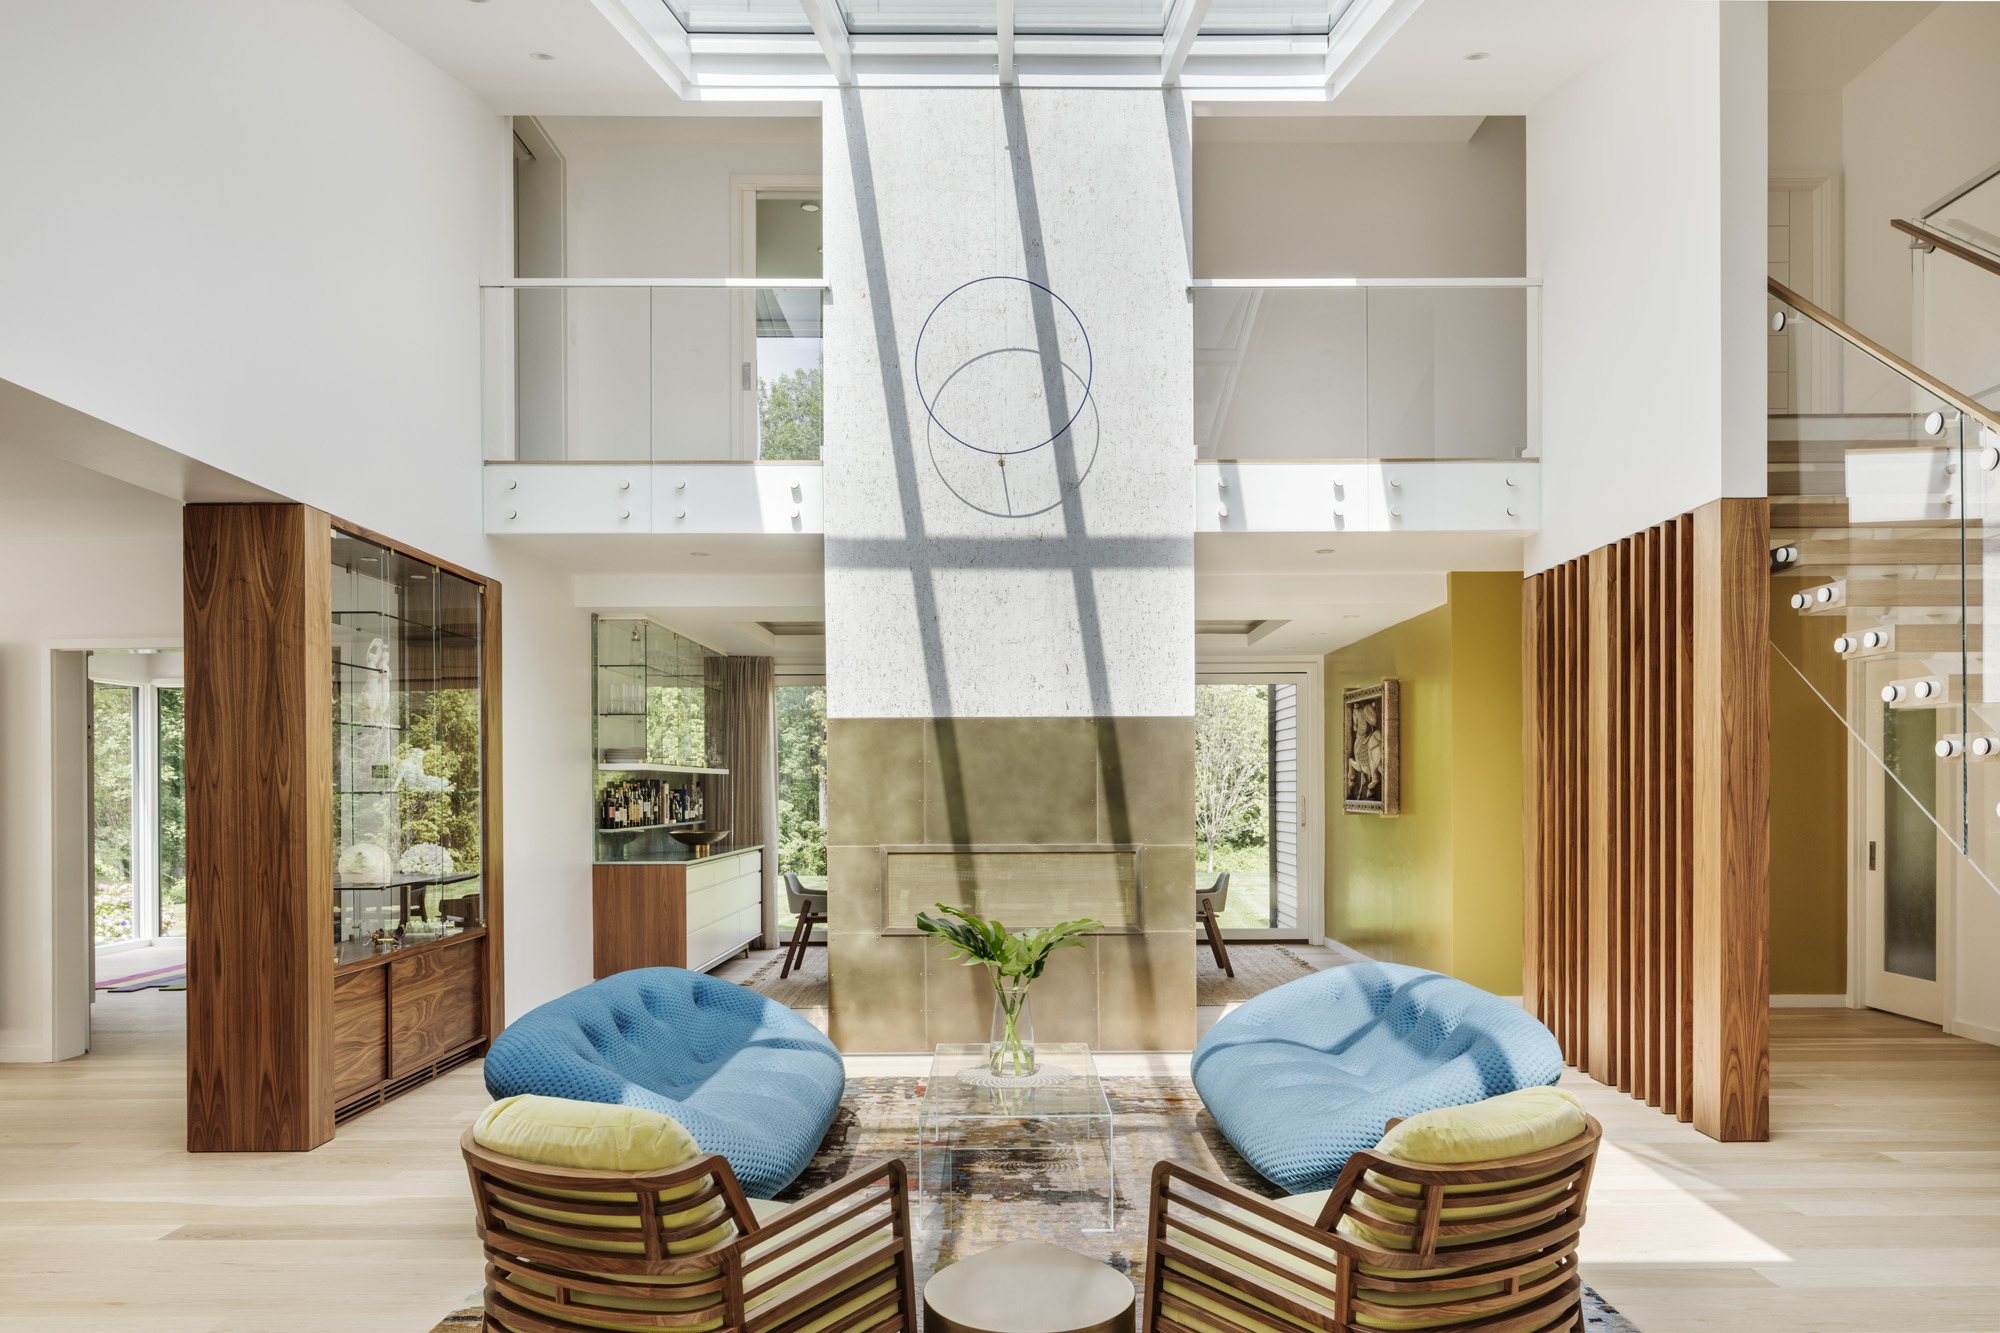 Cùng chiêm ngưỡng vẻ đẹp khó cưỡng của những căn phòng khách mang phong cách đương đại - Ảnh 21.